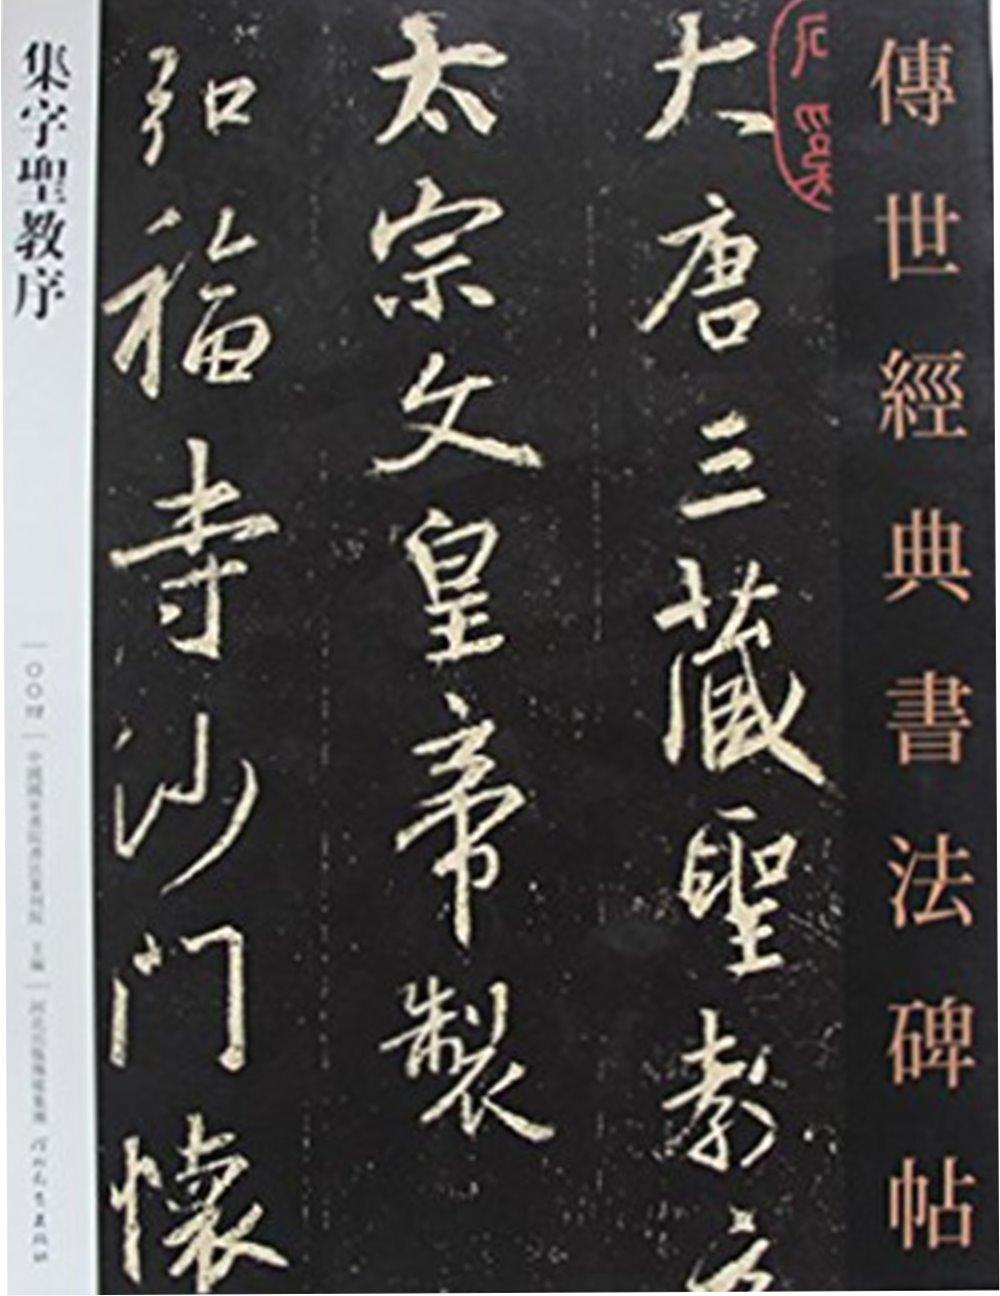 傳世經典書法碑帖004:集字聖教序